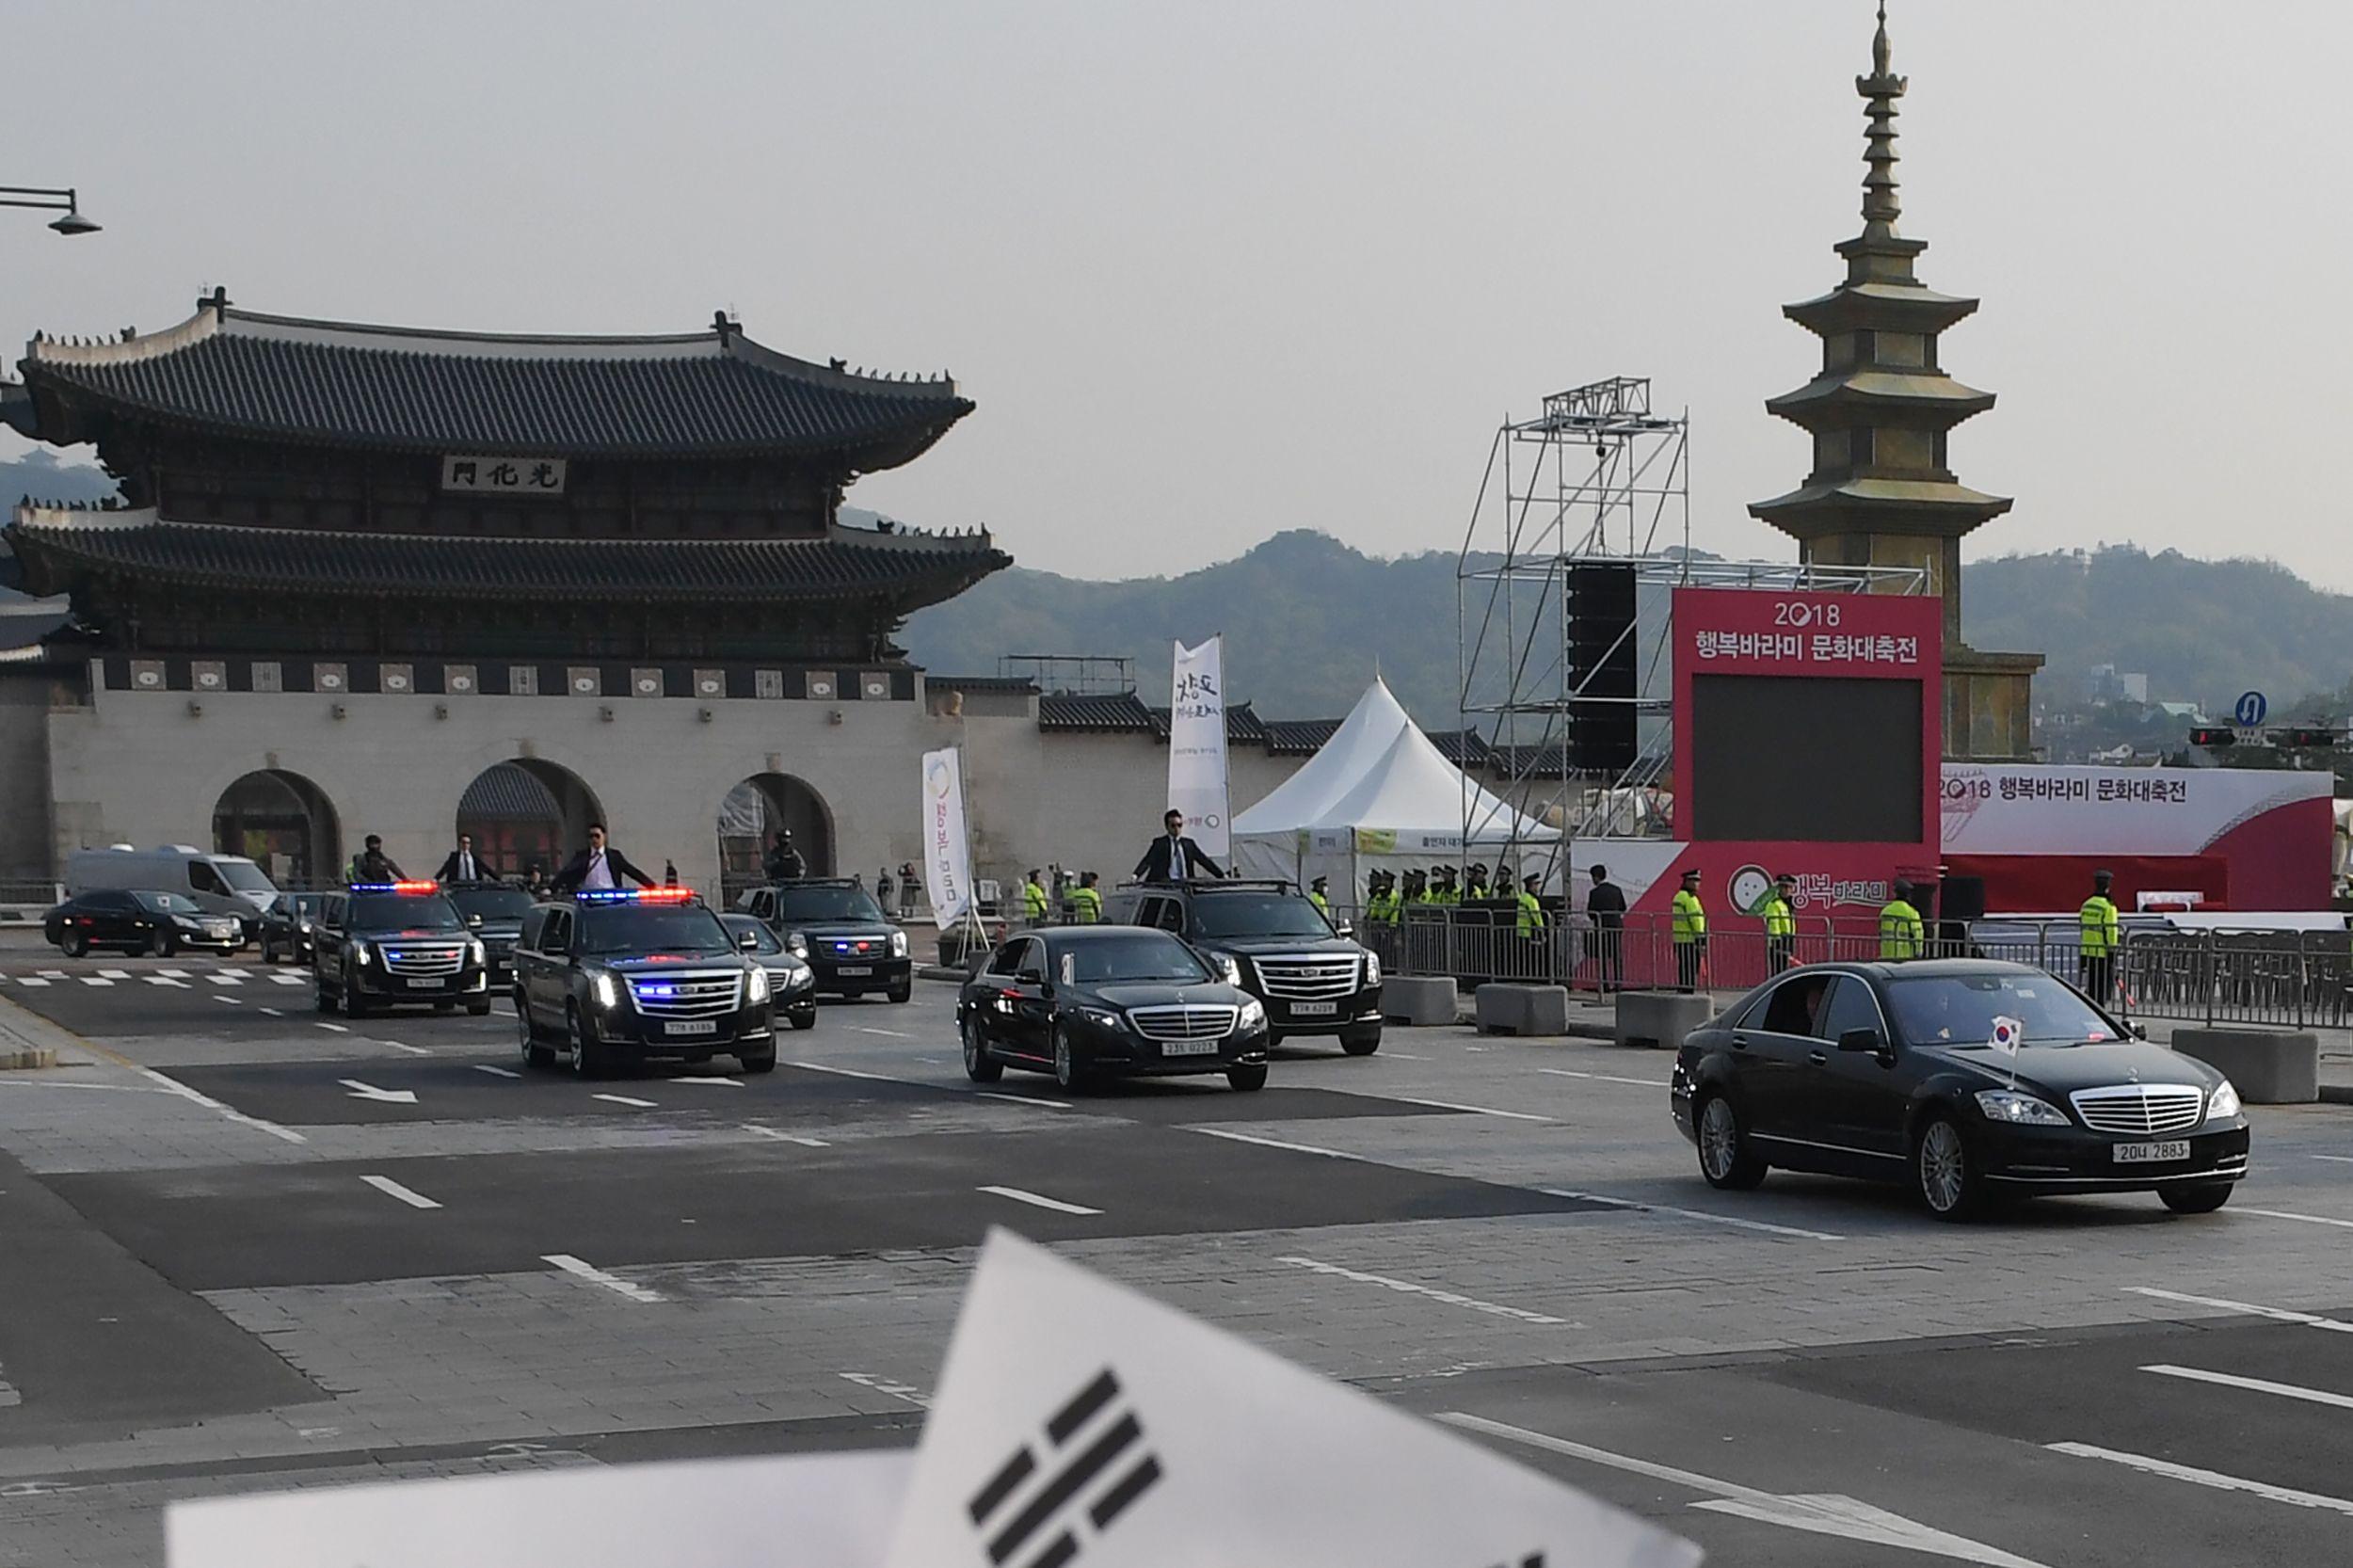 موكب الرئيس الكورى يغادر البيت الأزرق